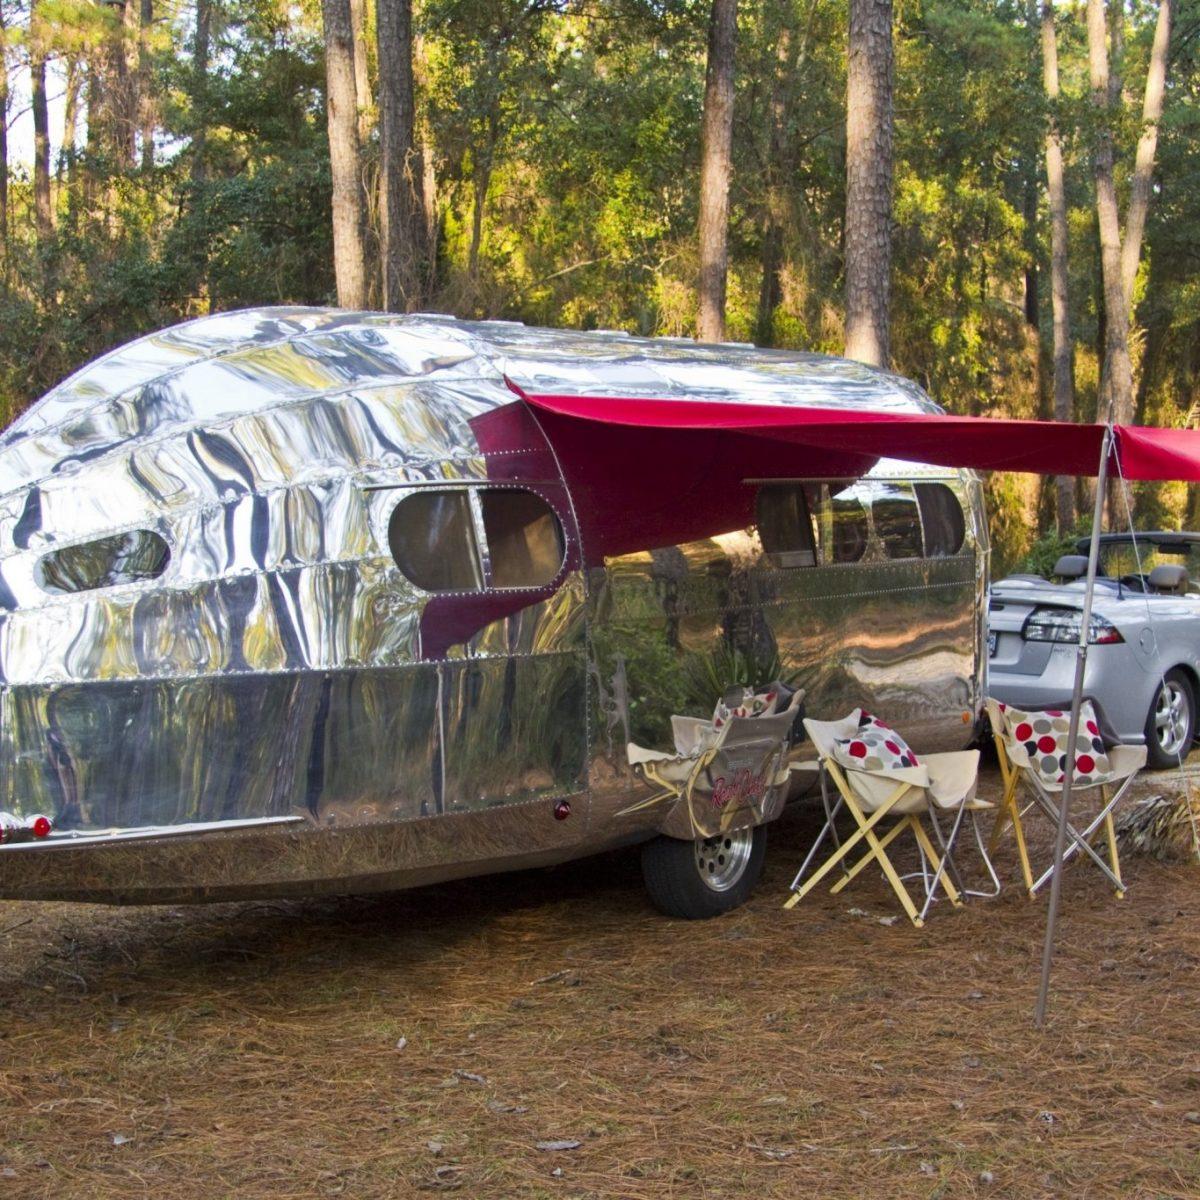 Bowlus CampingRedAwning 1